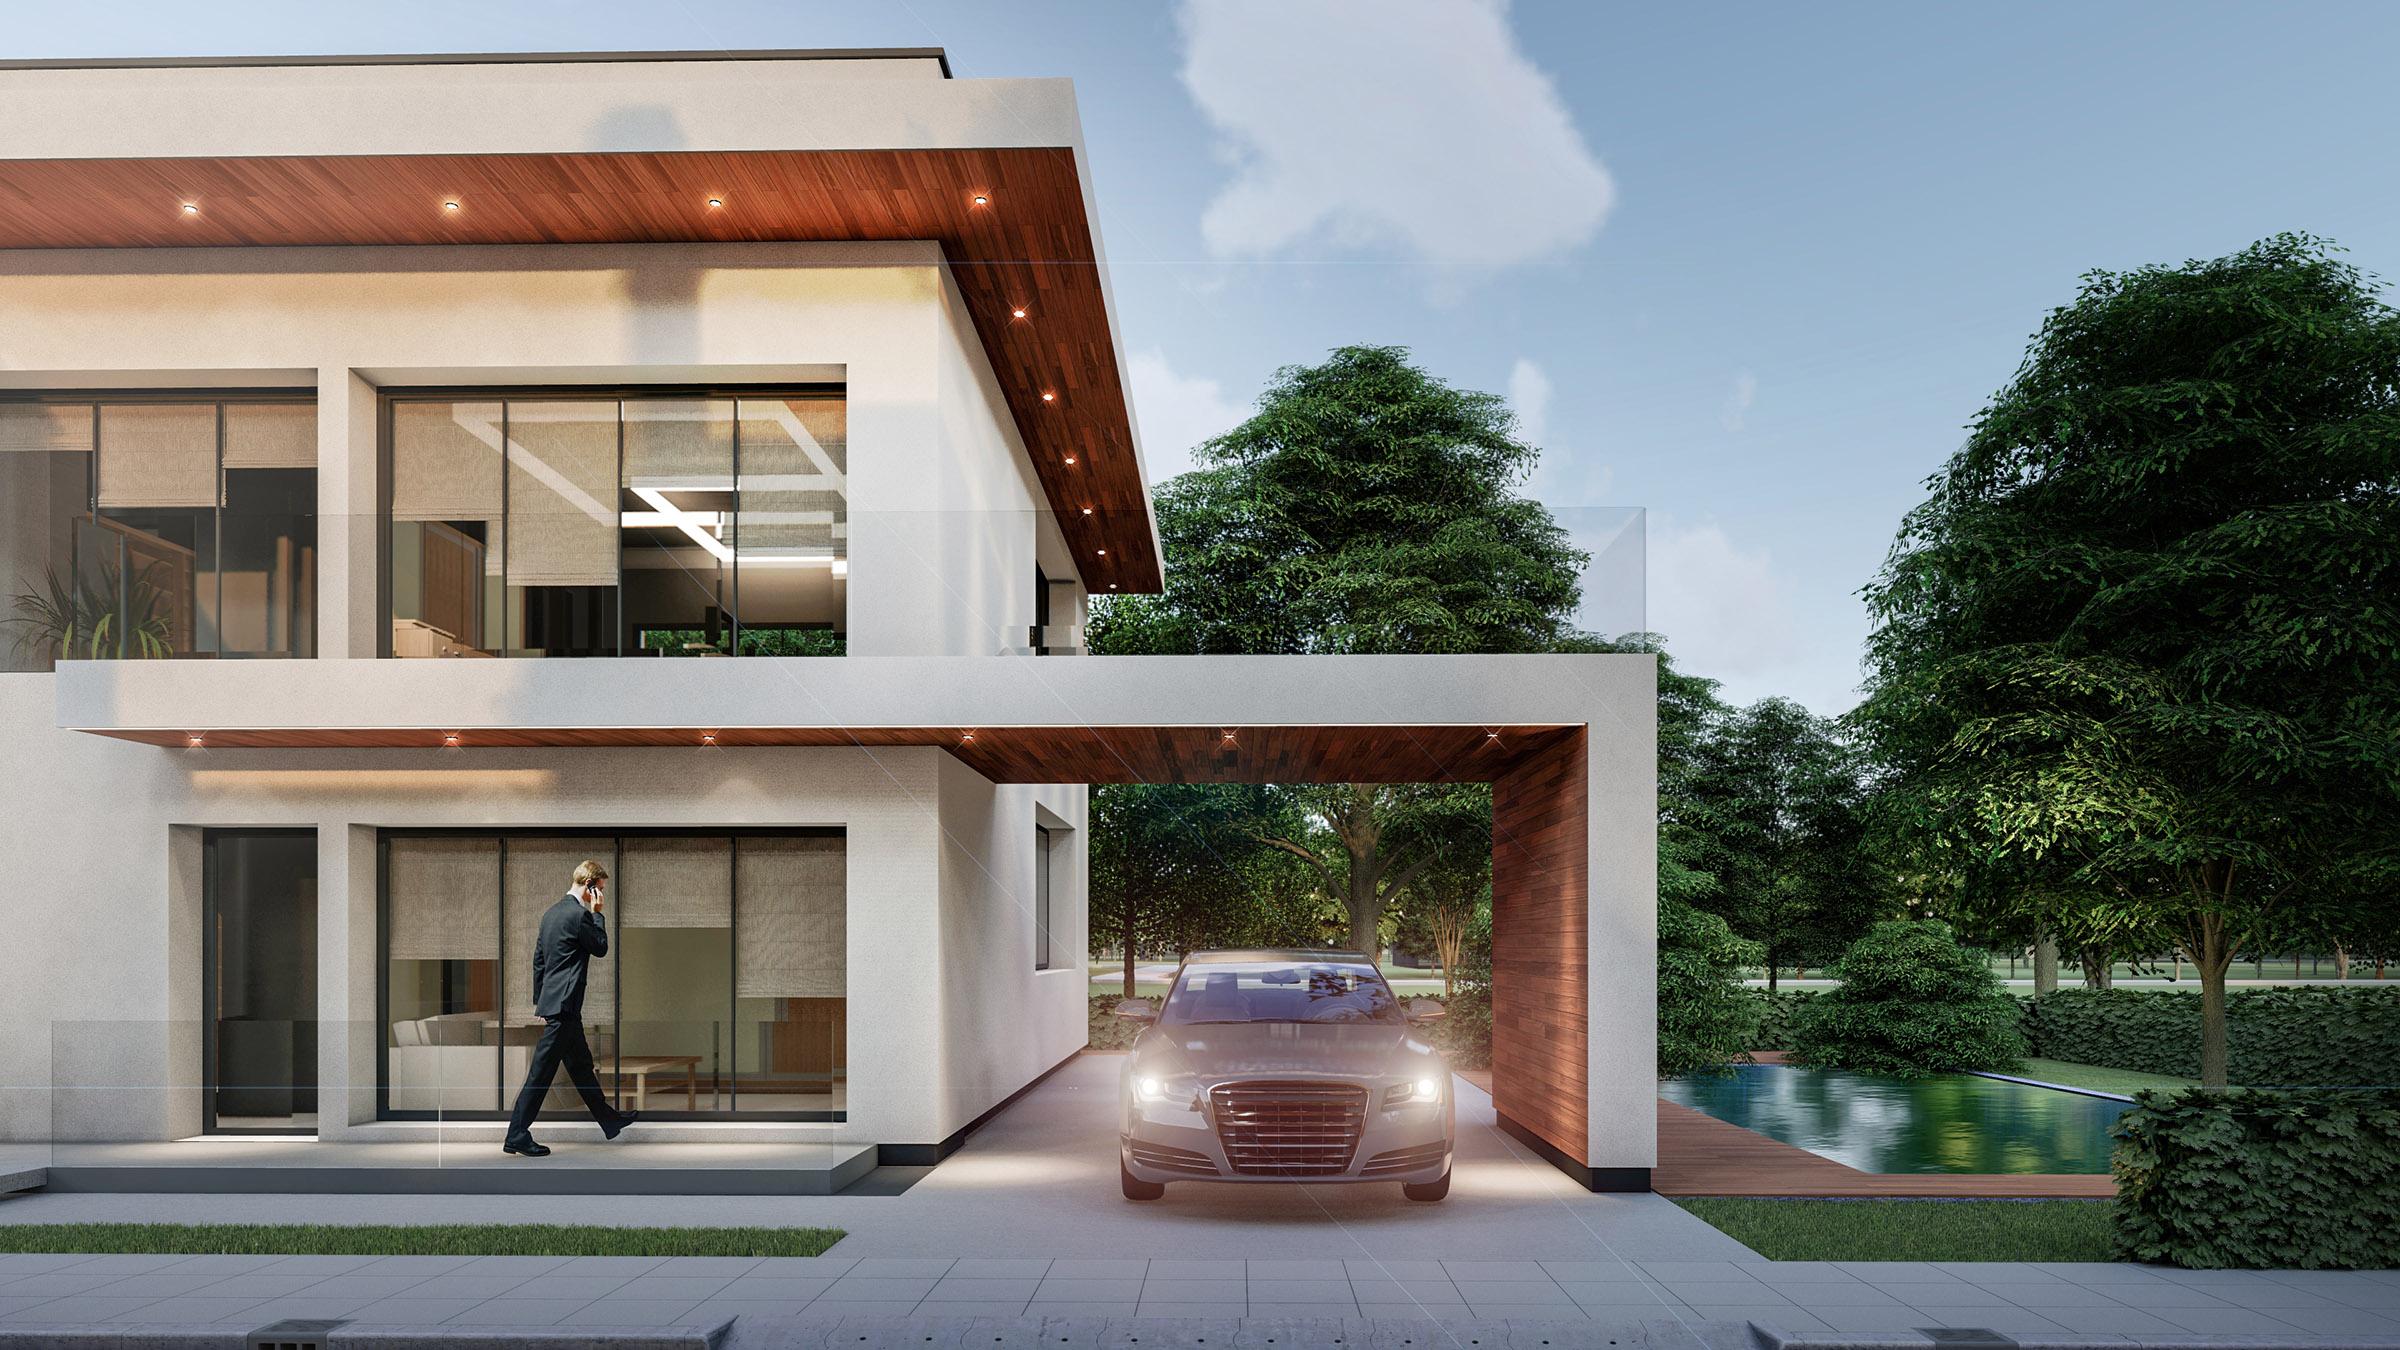 Proiect arhitectural pentru ansamblu de case individuale, AB+Partners